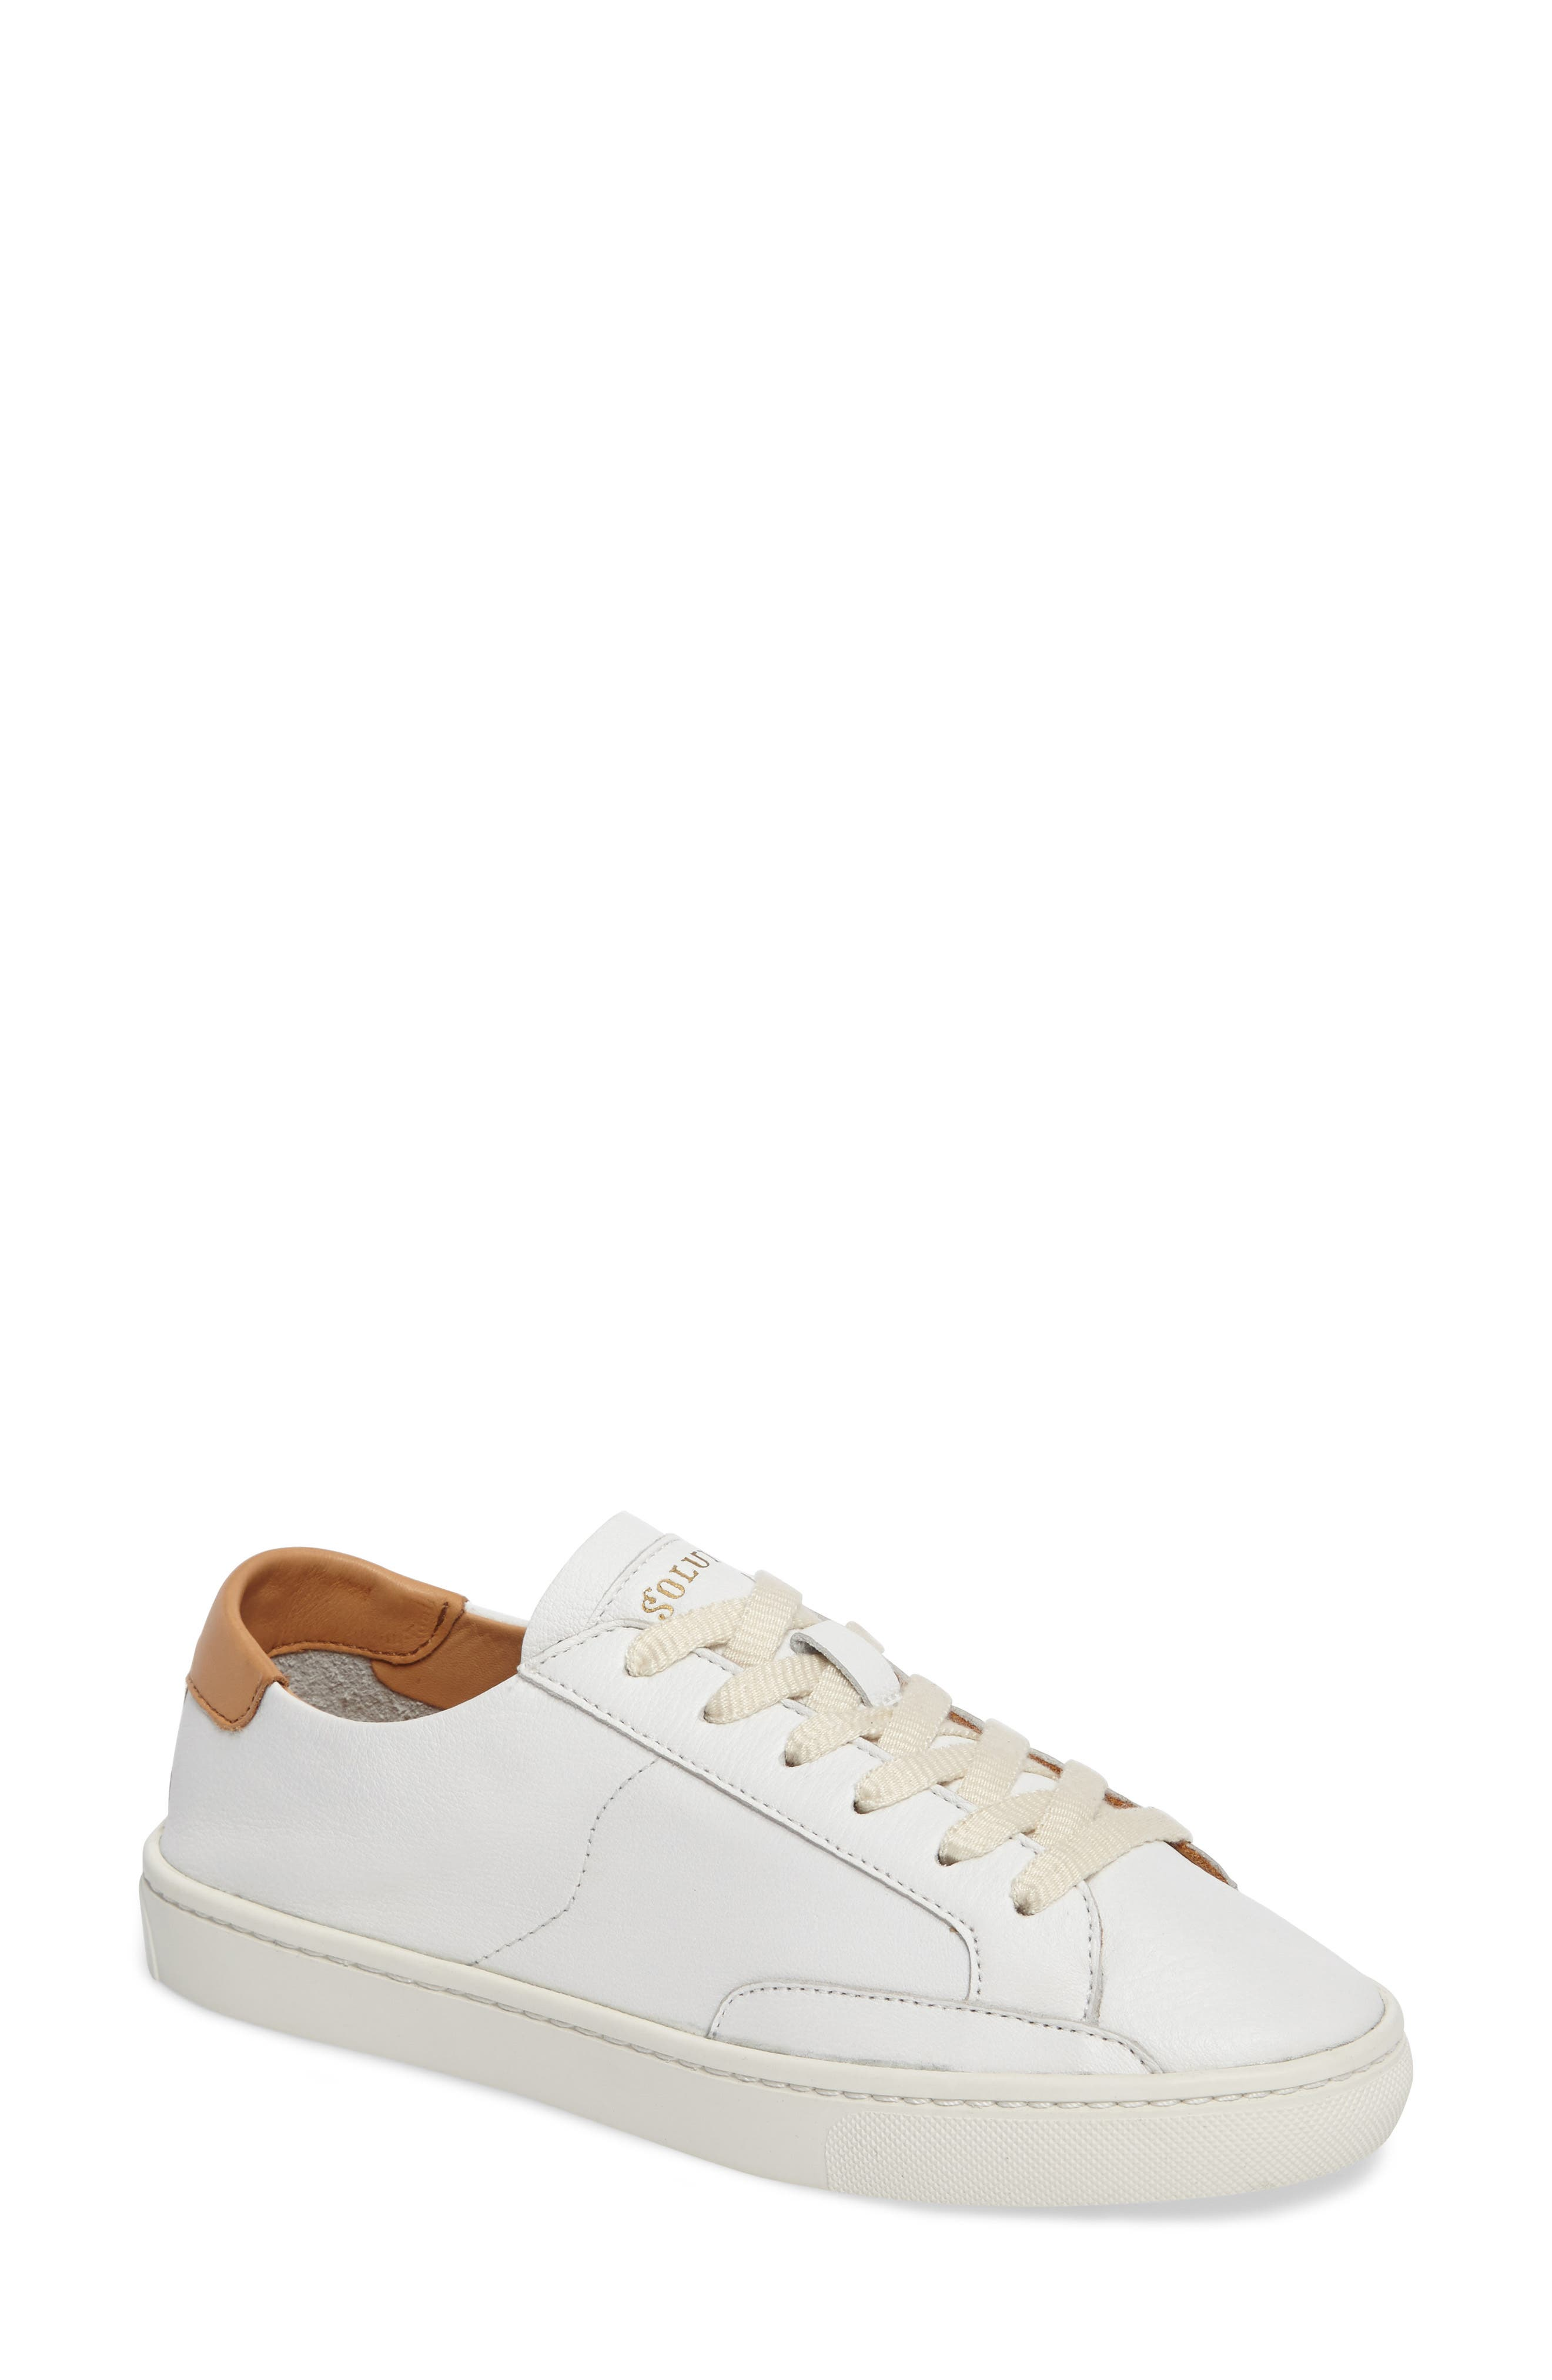 Ibiza Sneaker,                         Main,                         color, White